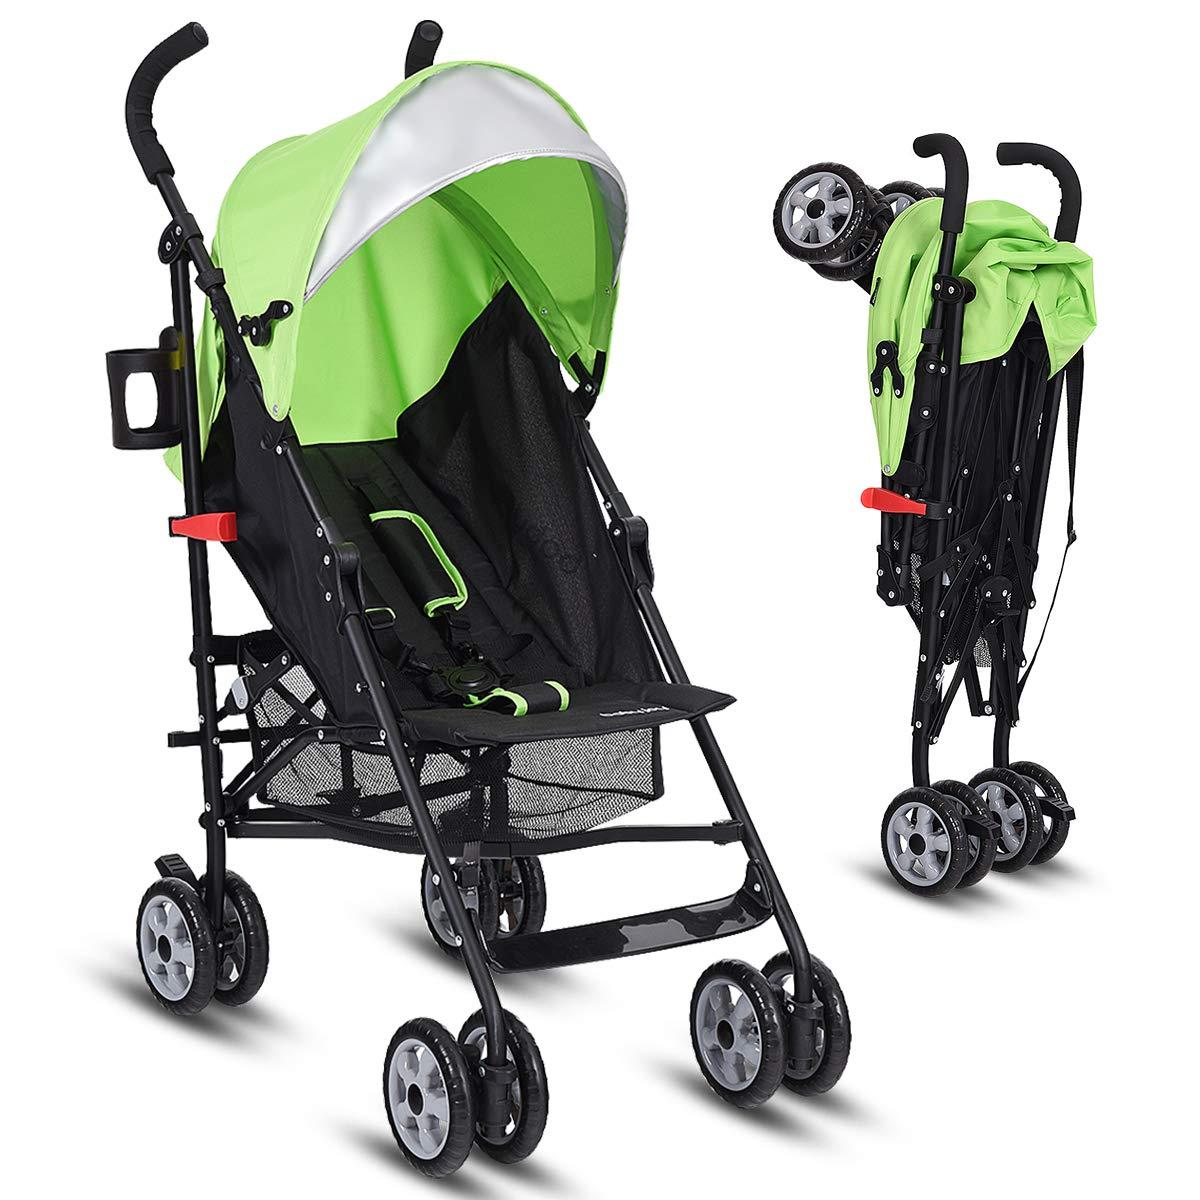 INFANS Lightweight Baby Umbrella Stroller, Foldable Infant Travel Stroller with 4 Position Recline, Adjustable Backrest, Cup Holder, Storage Basket, UV Protection Canopy, Carry Belt (Green)